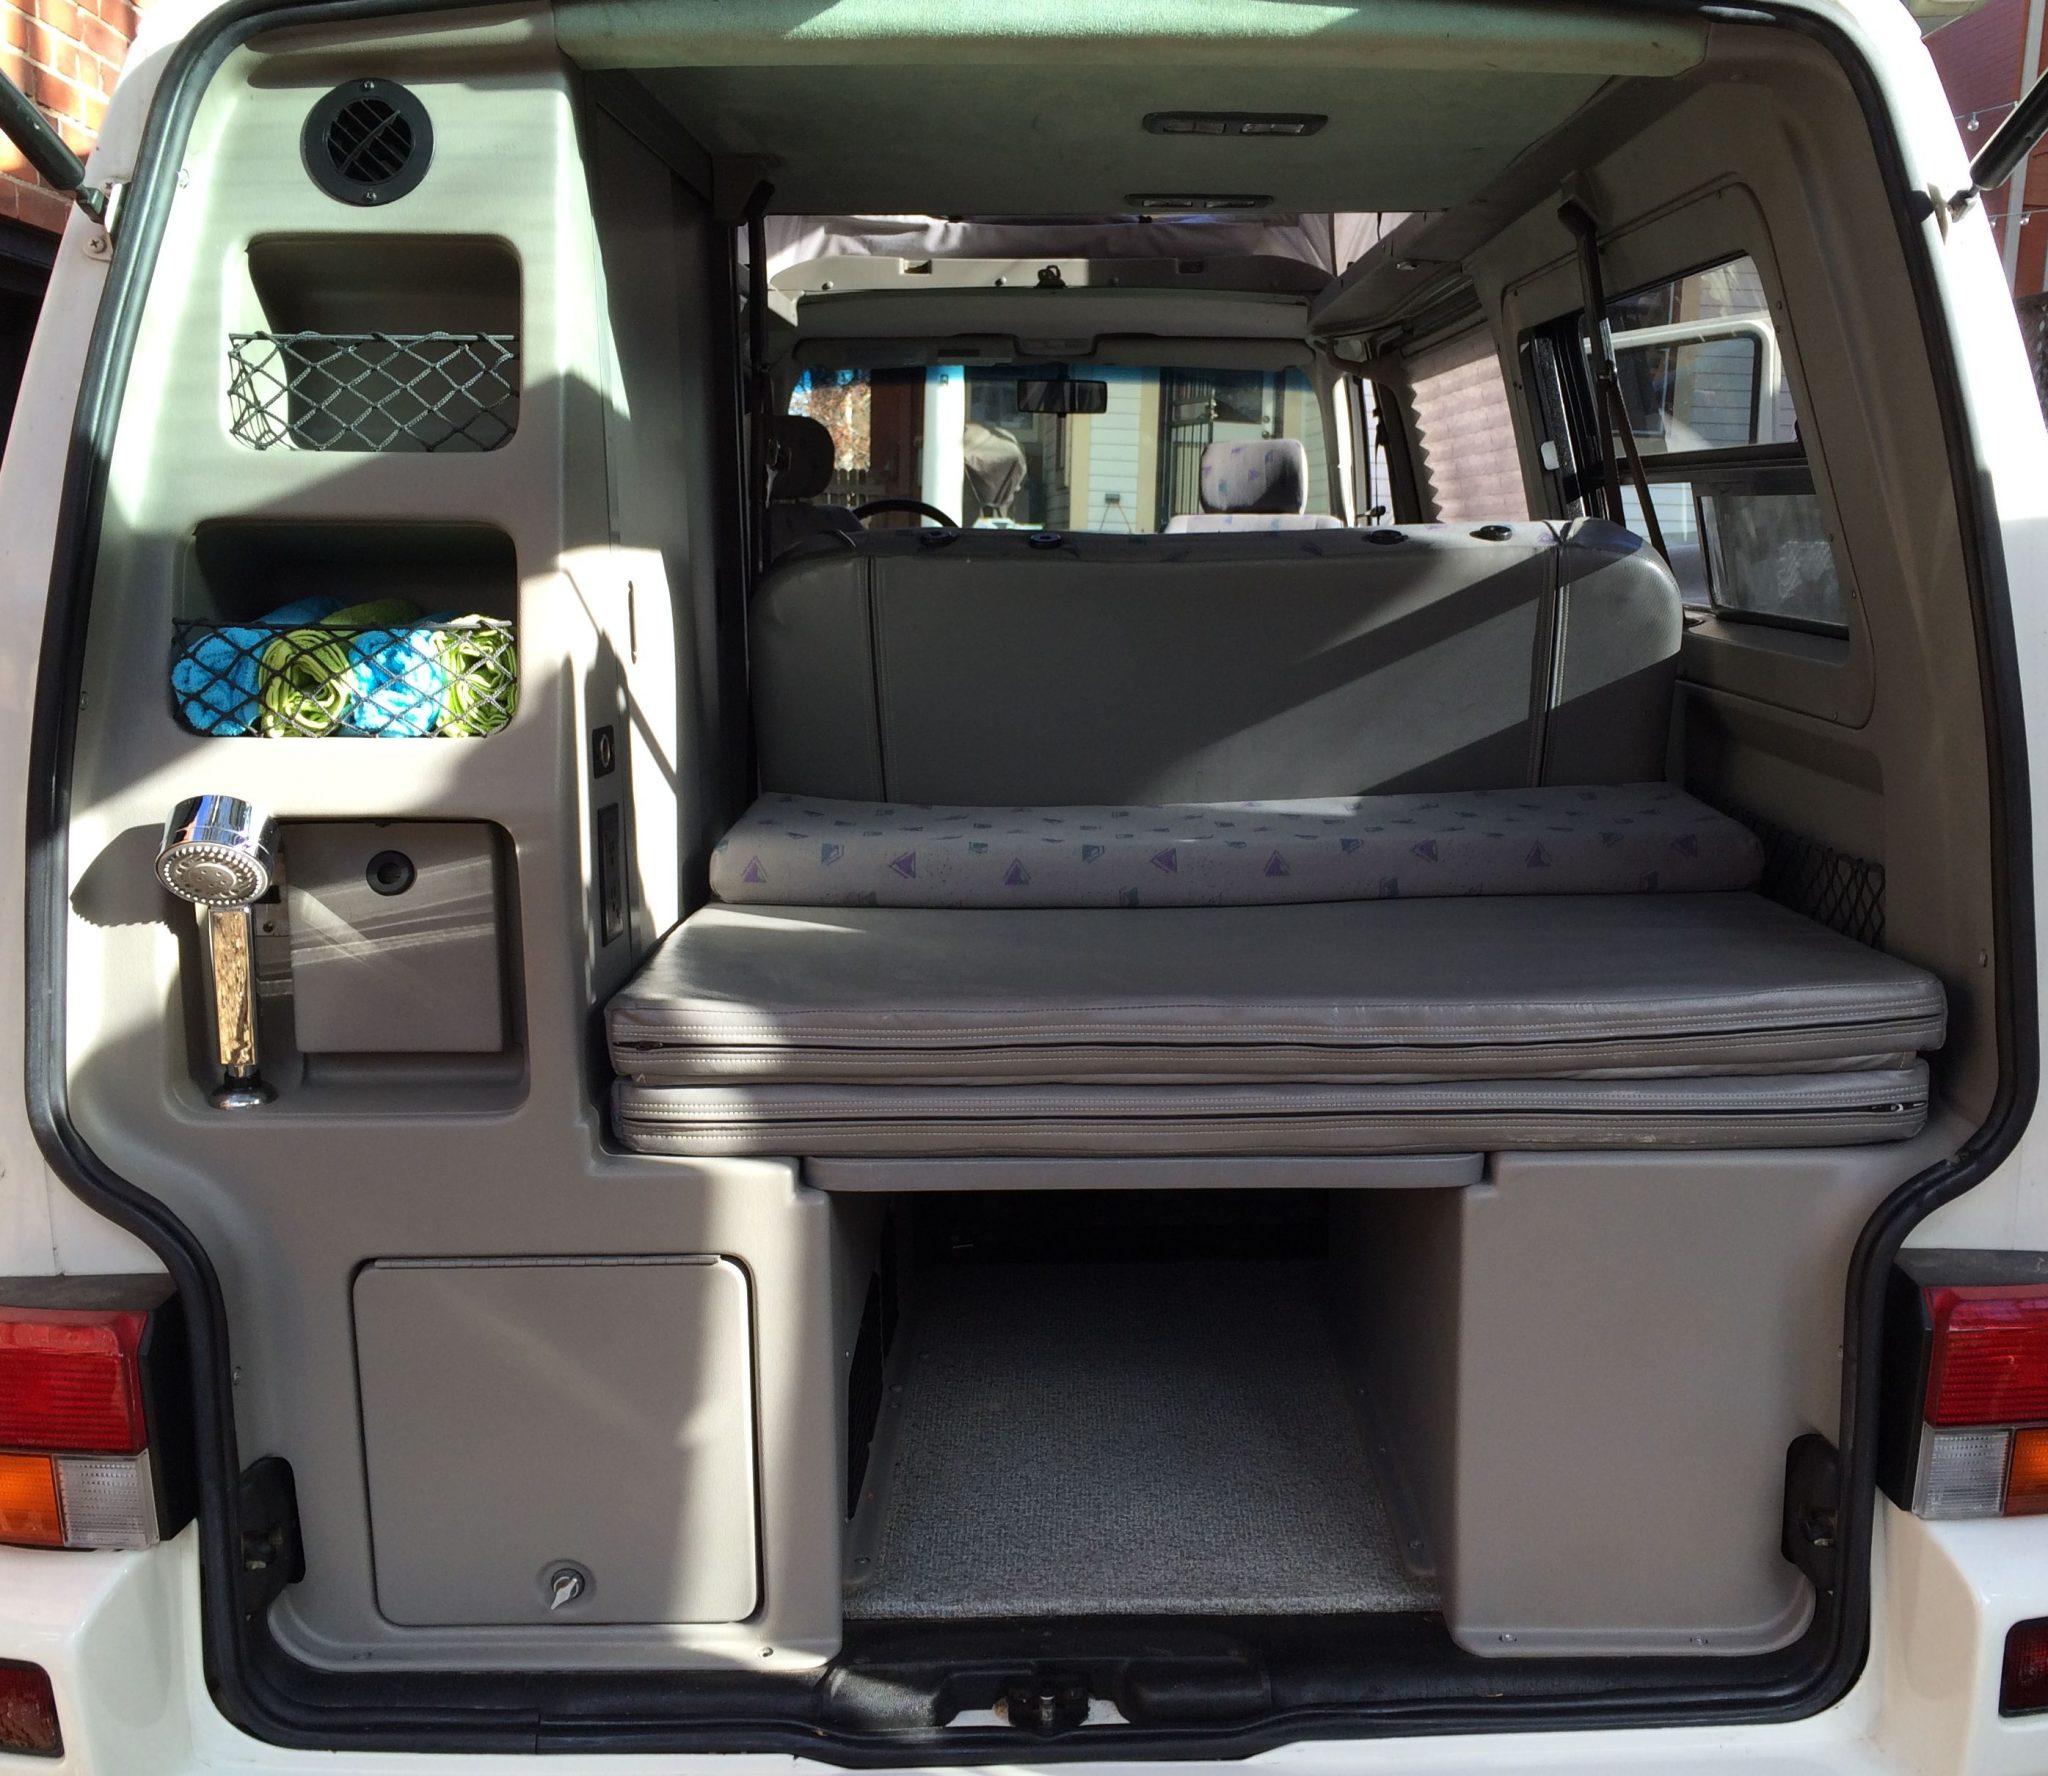 Rent a Volkswagen Eurovan Campervan | Rocky Mountain Campervans